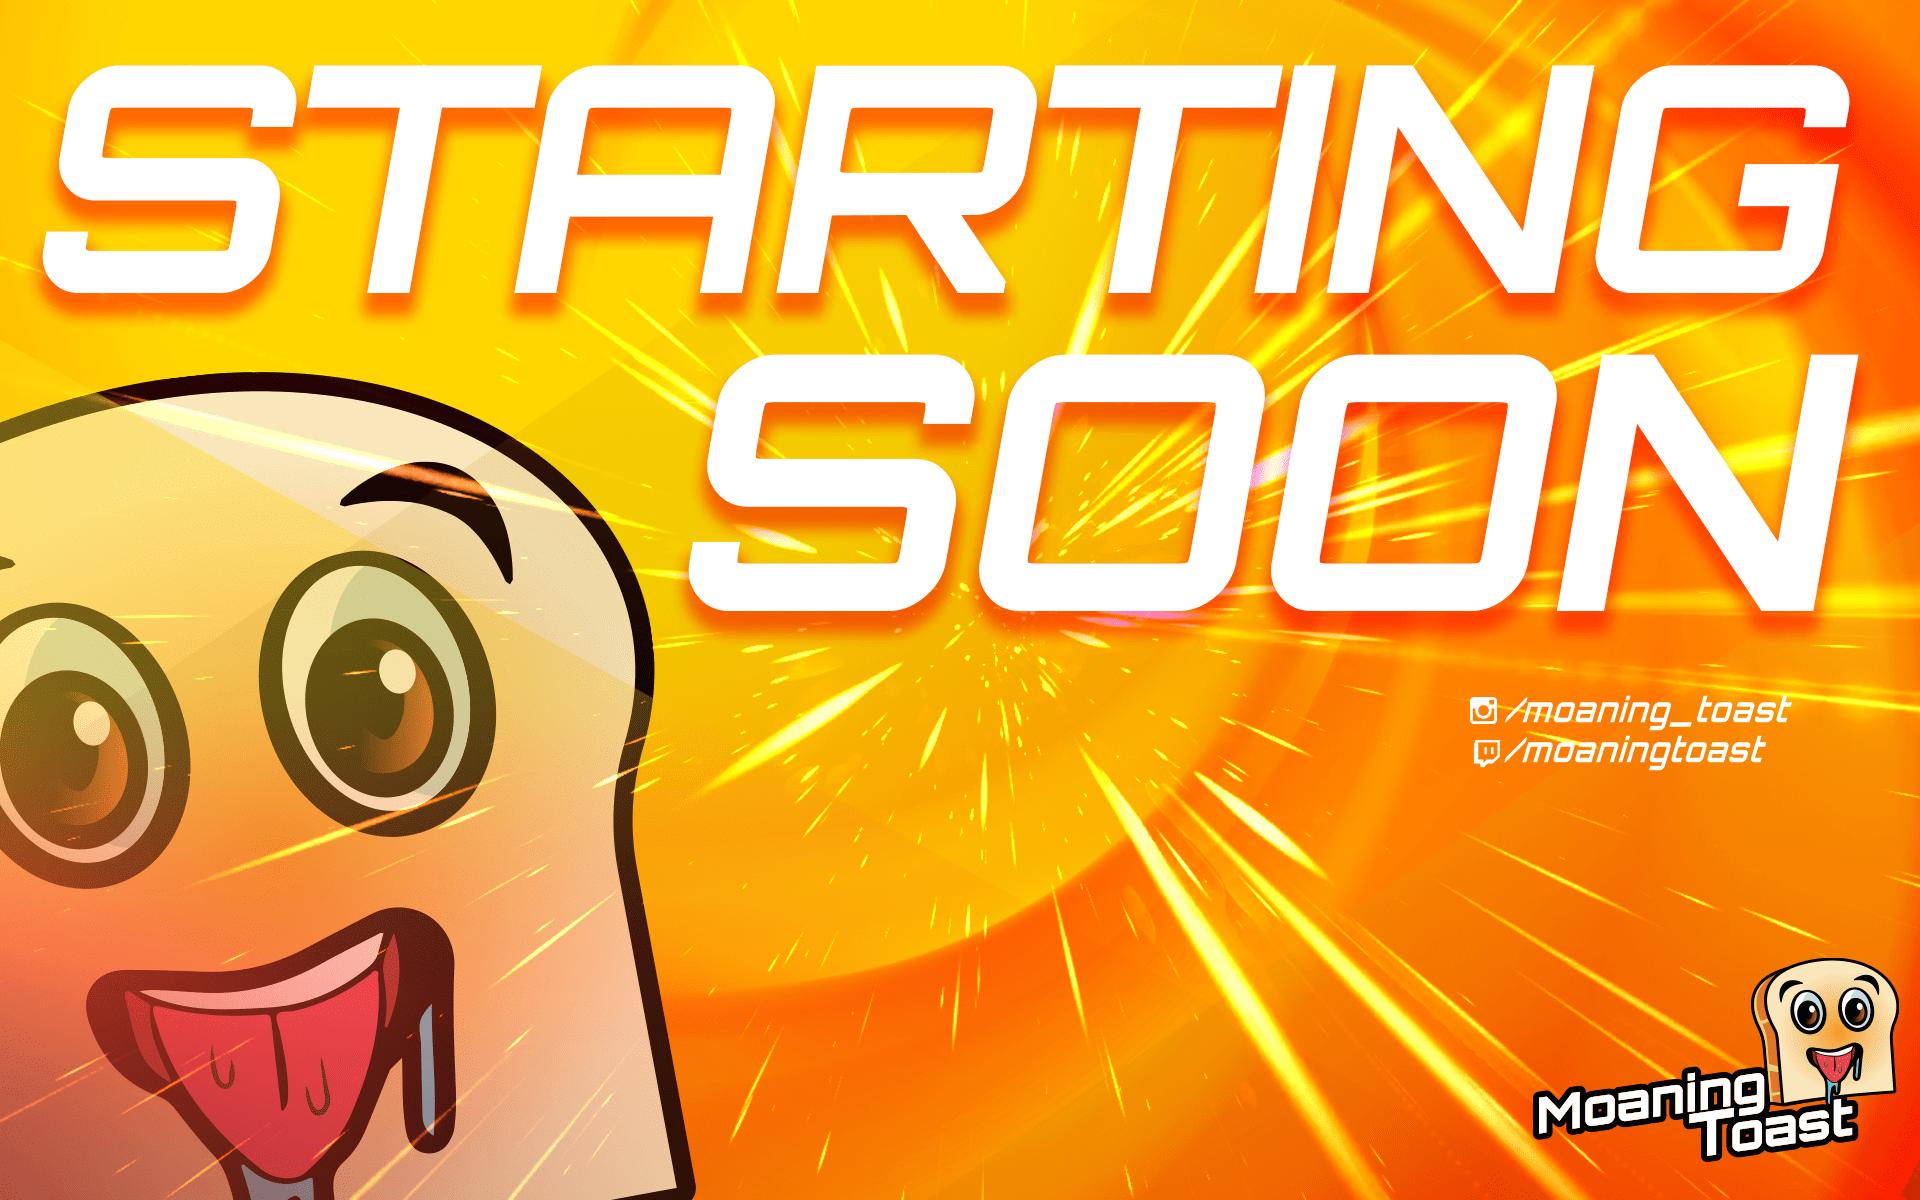 Starting » Streamer » Gaming Homepage » Logo Design